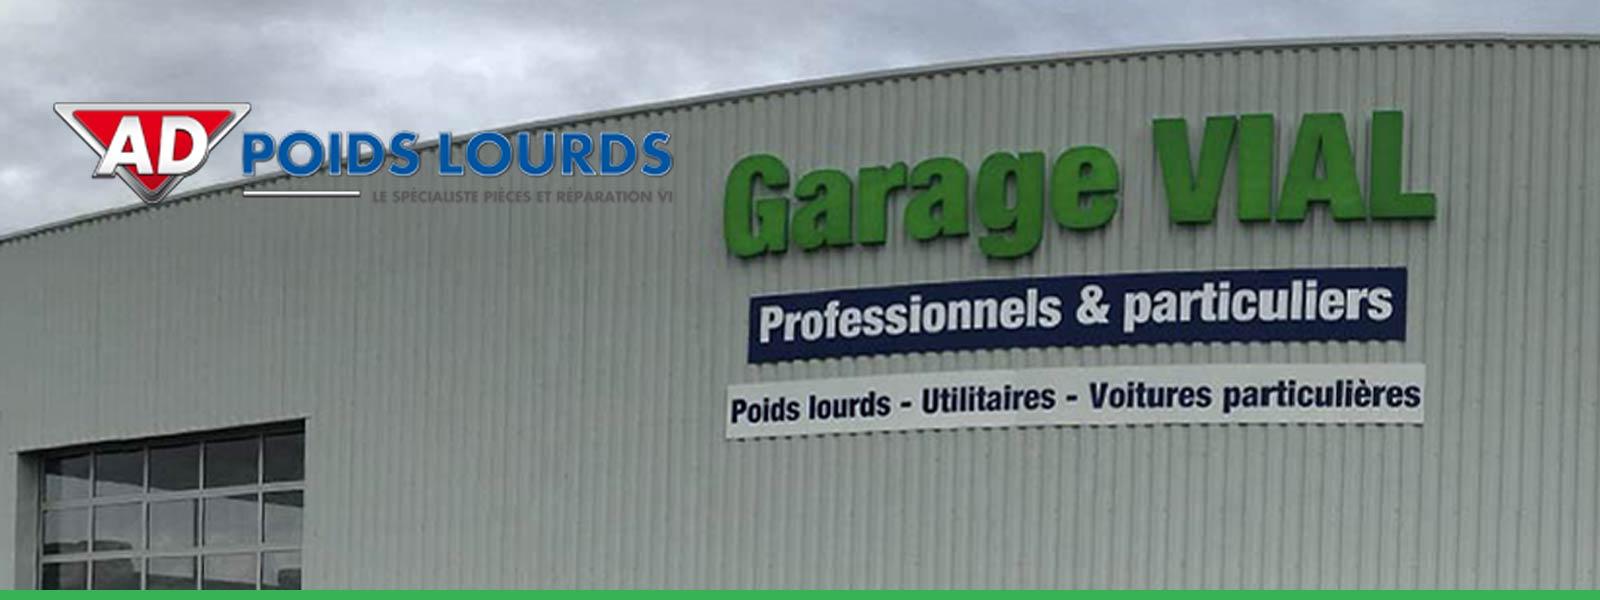 Garage Vial, l'atelier AD Poids Lourds à Loupiac de la Réole